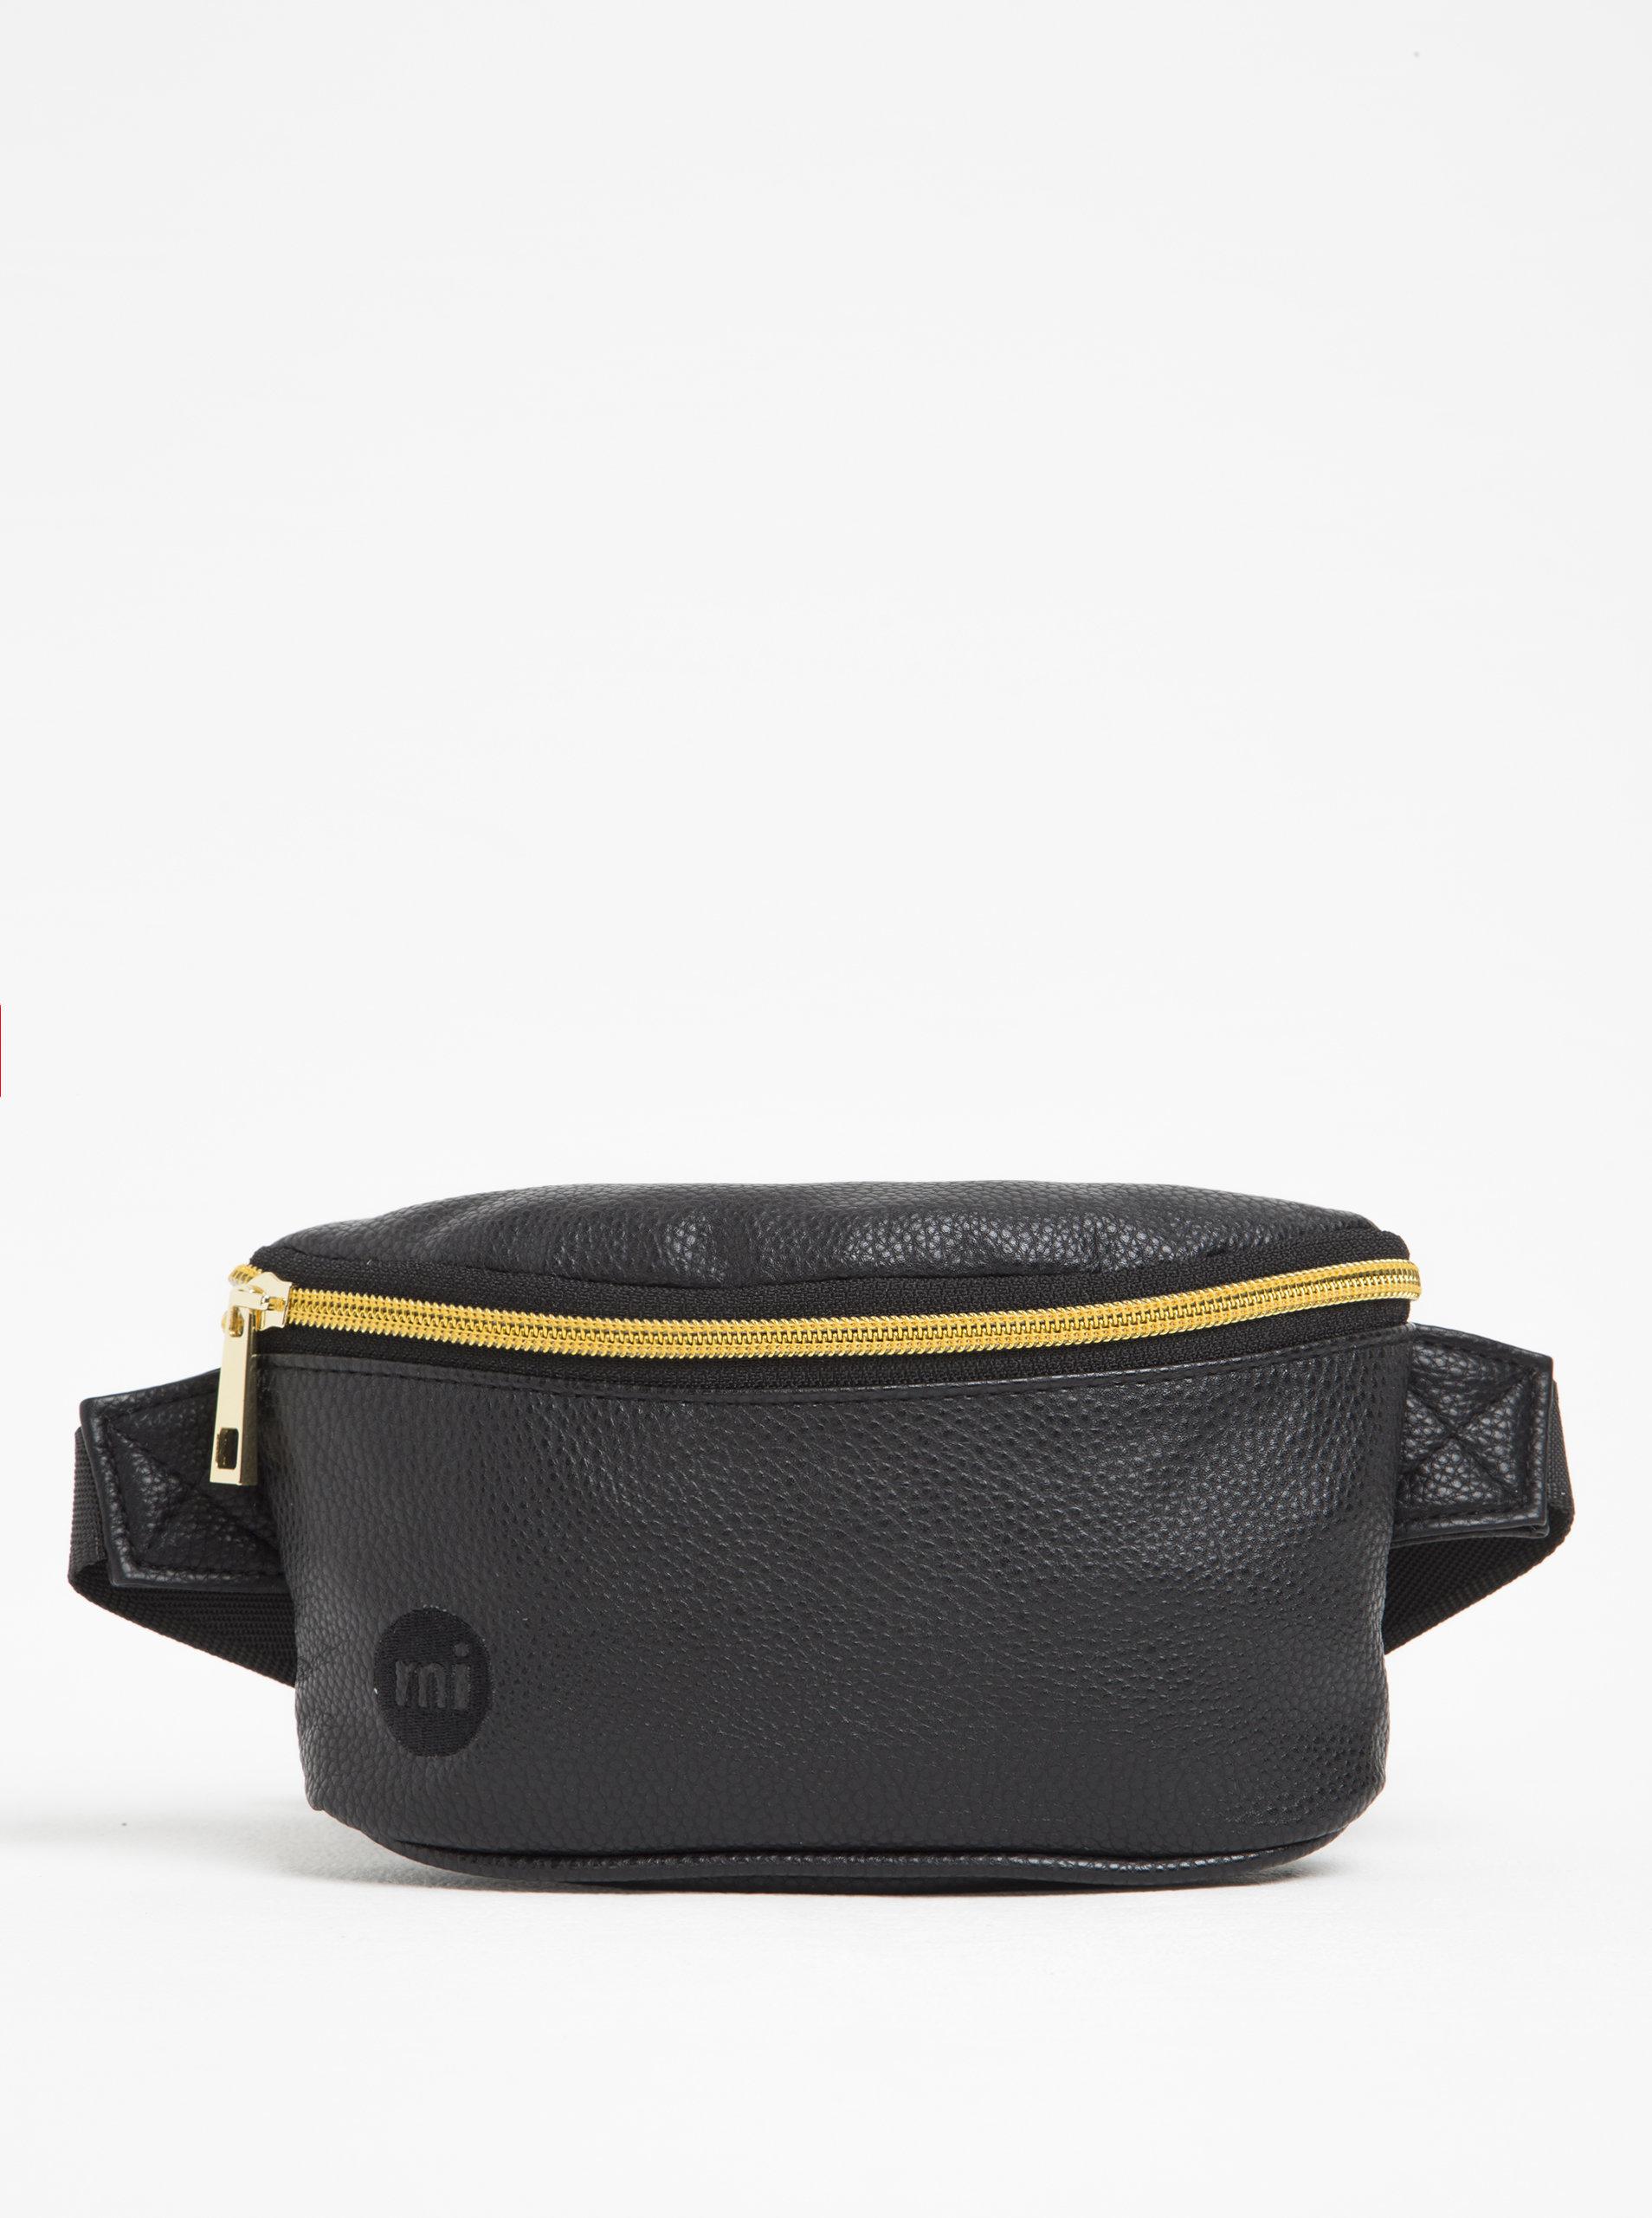 Čierna dámska koženková ľadvinka Mi-Pac Bum Bag Tumbled ... 6c107e70eb5